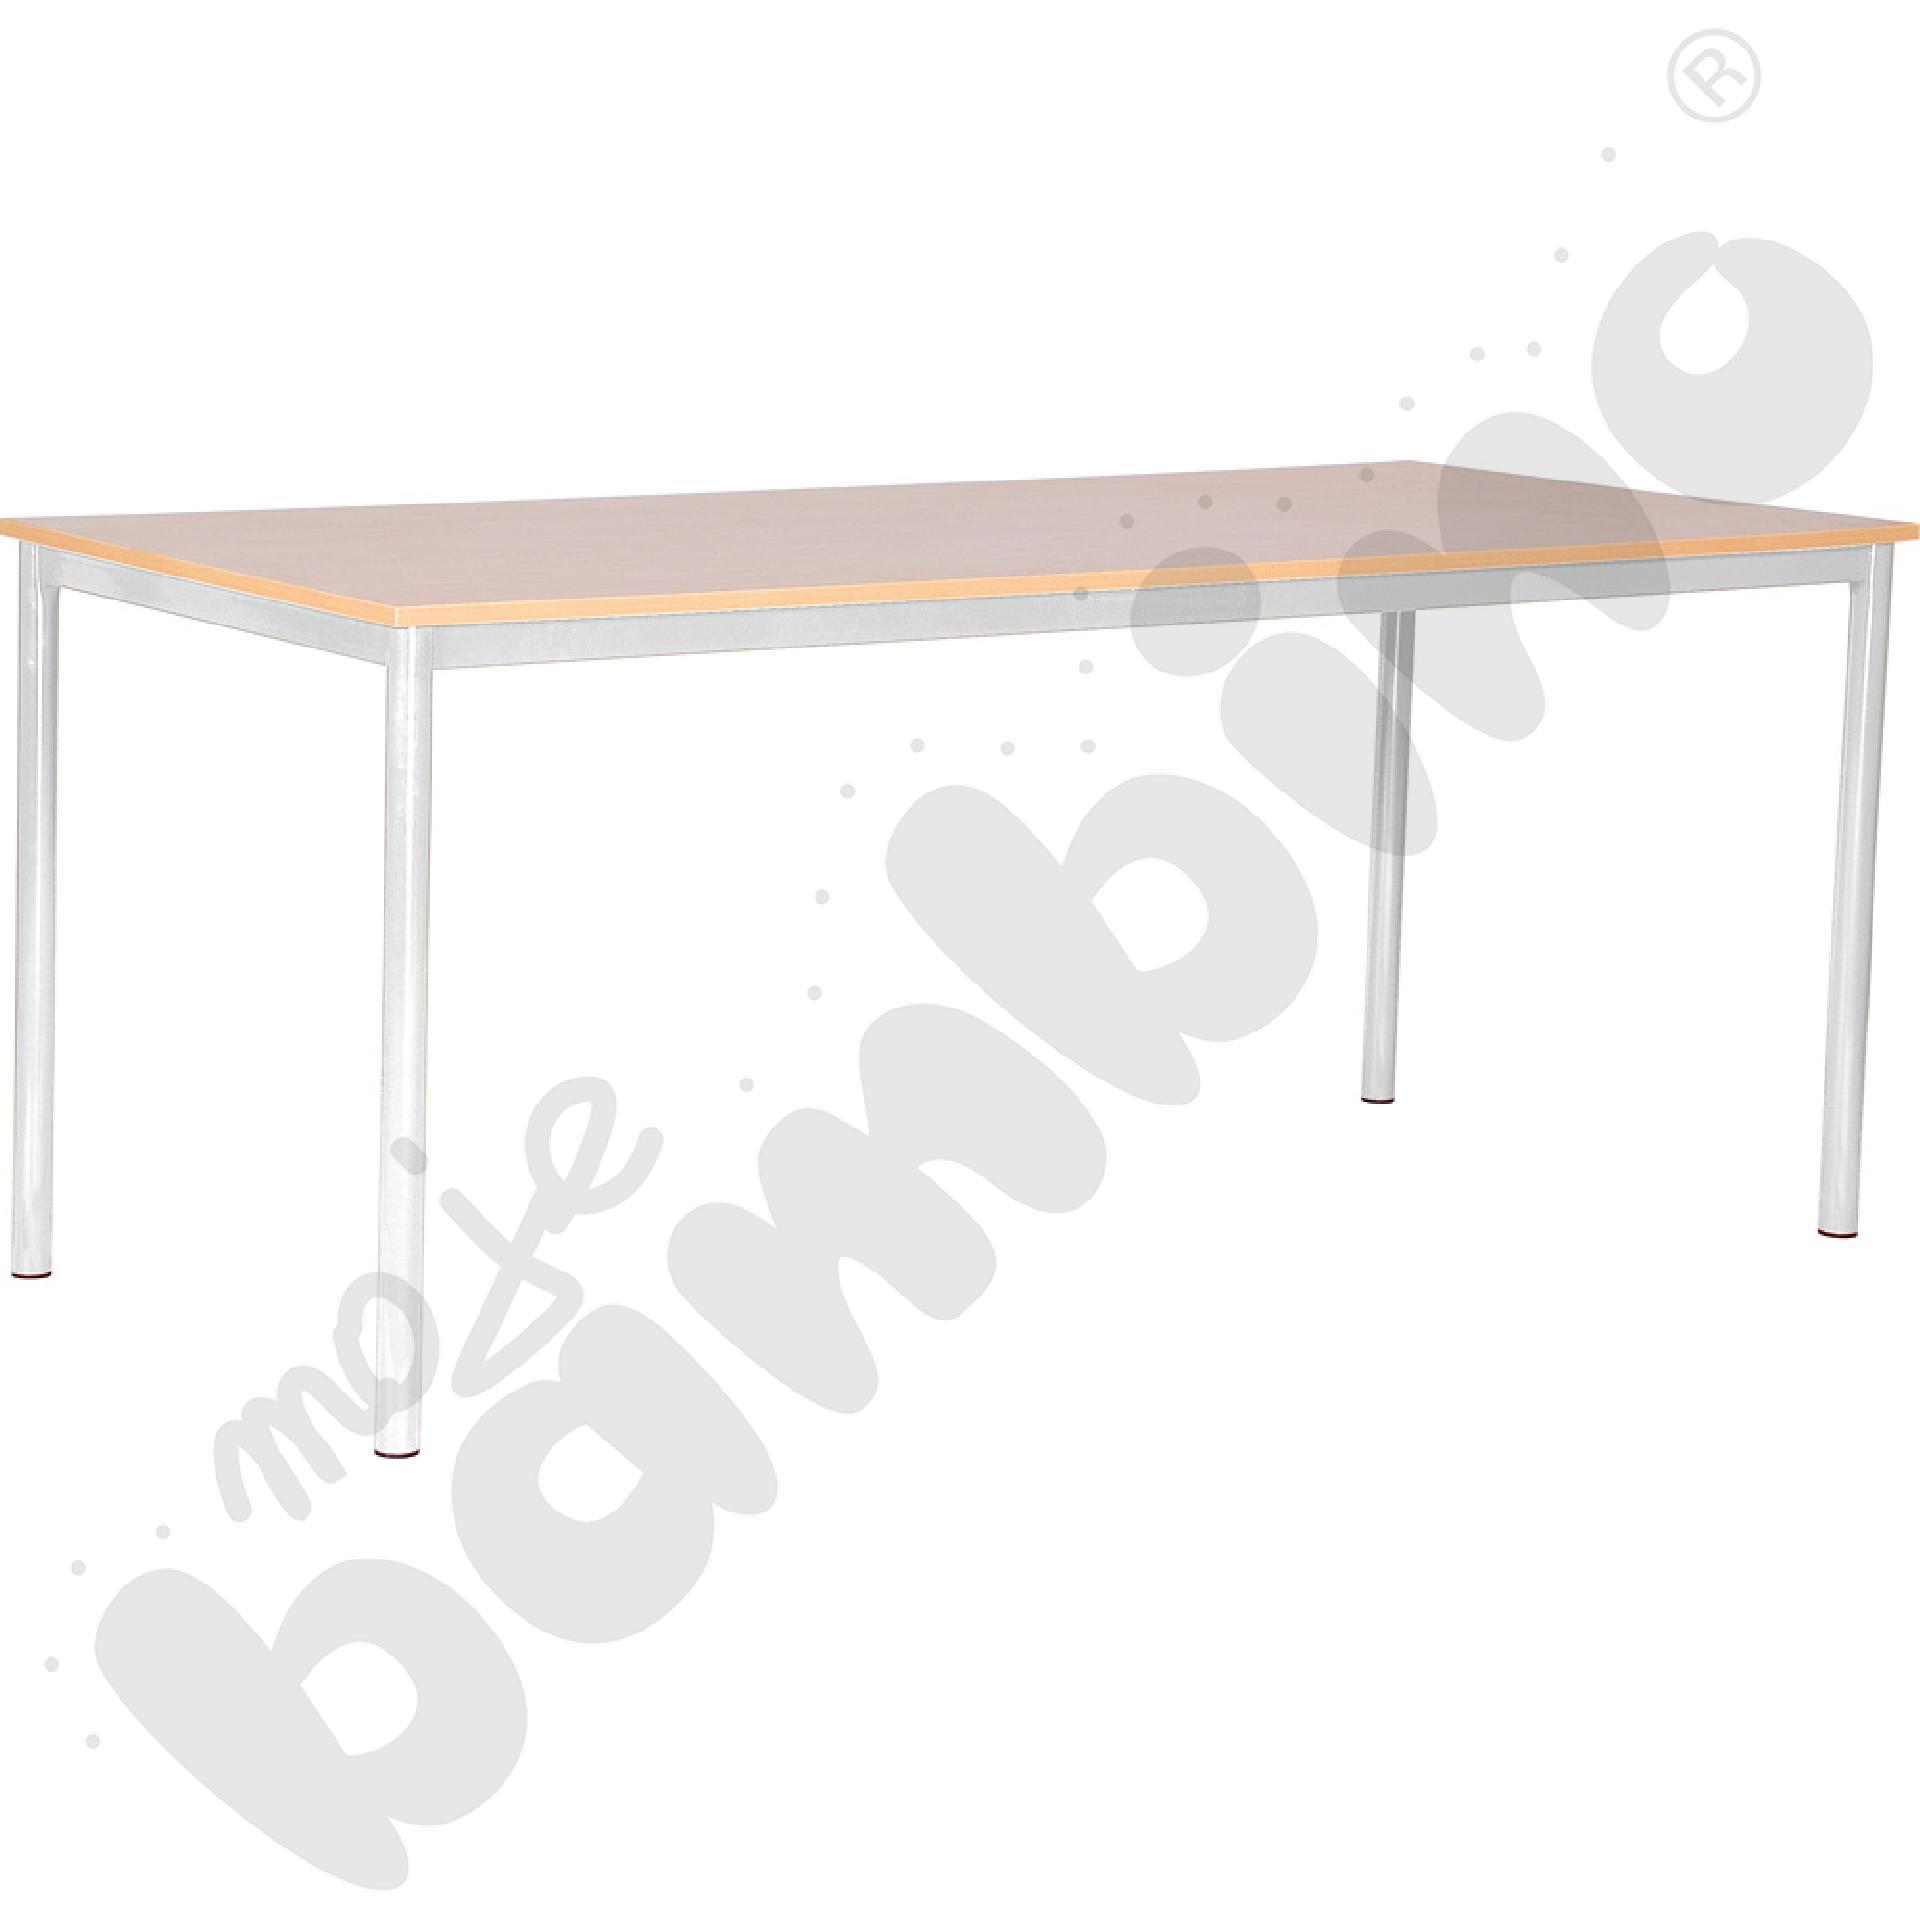 Stół świetlicowy Mila 180 x 80 cm rozm. 3 aluminium